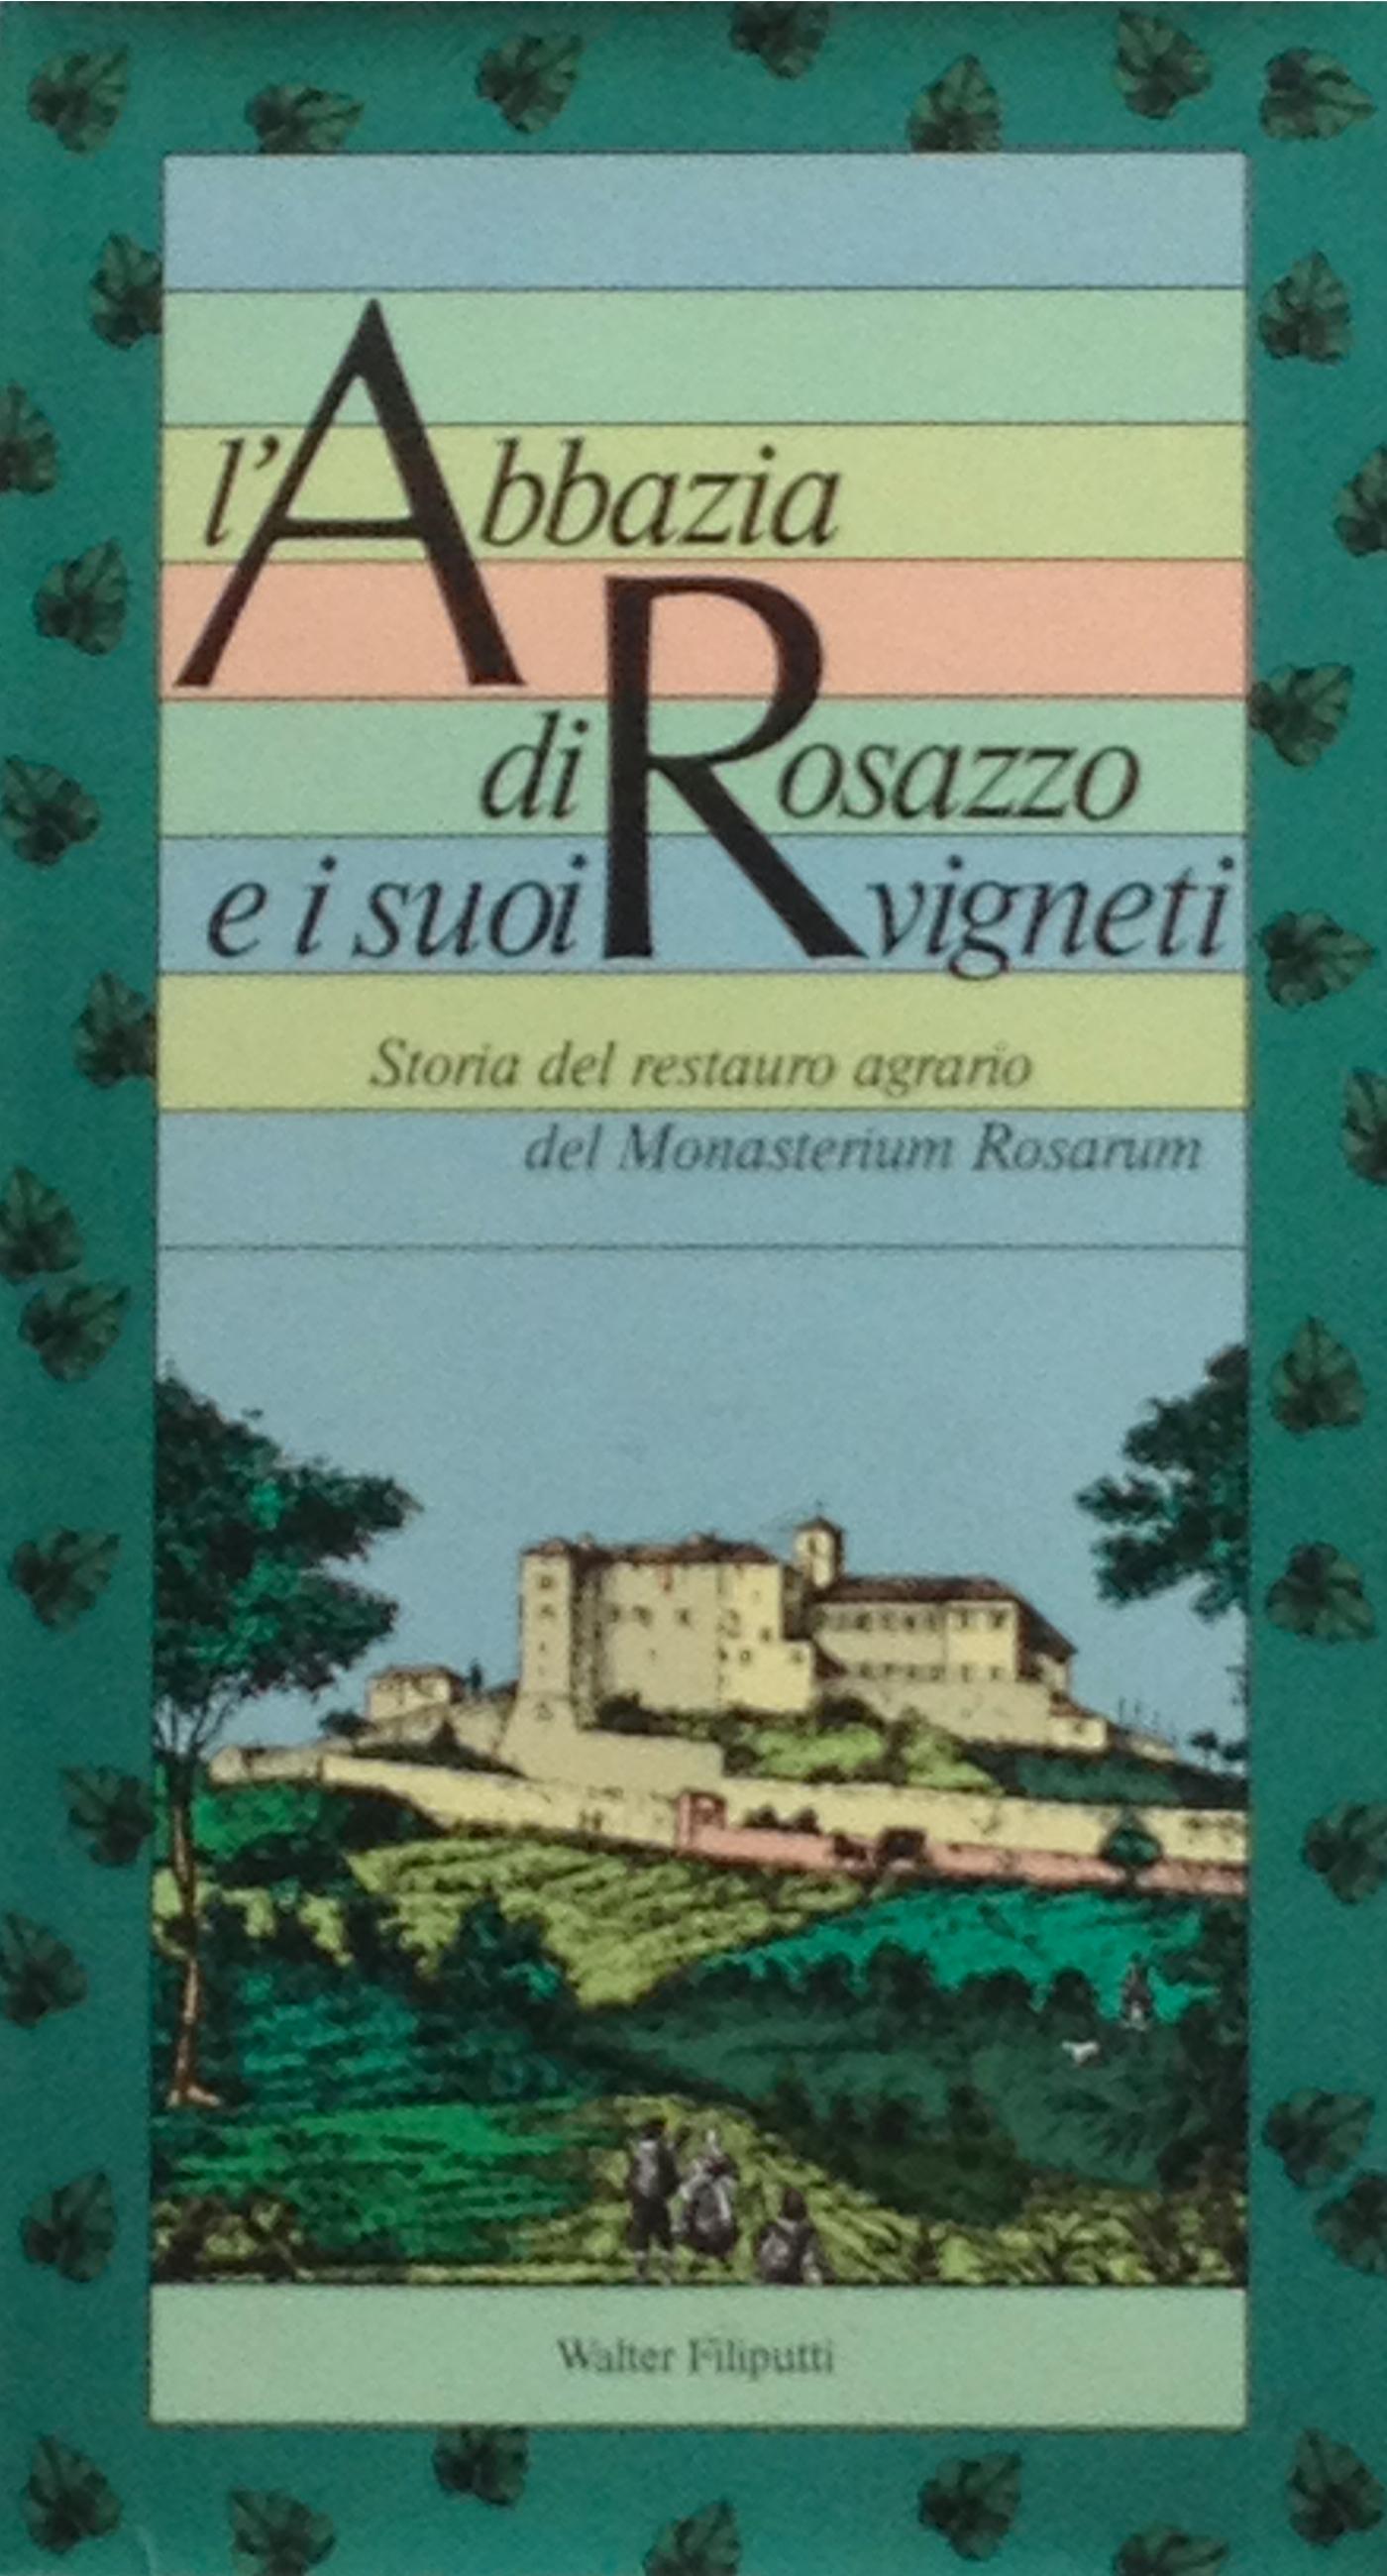 abbazia_di_rosazzo